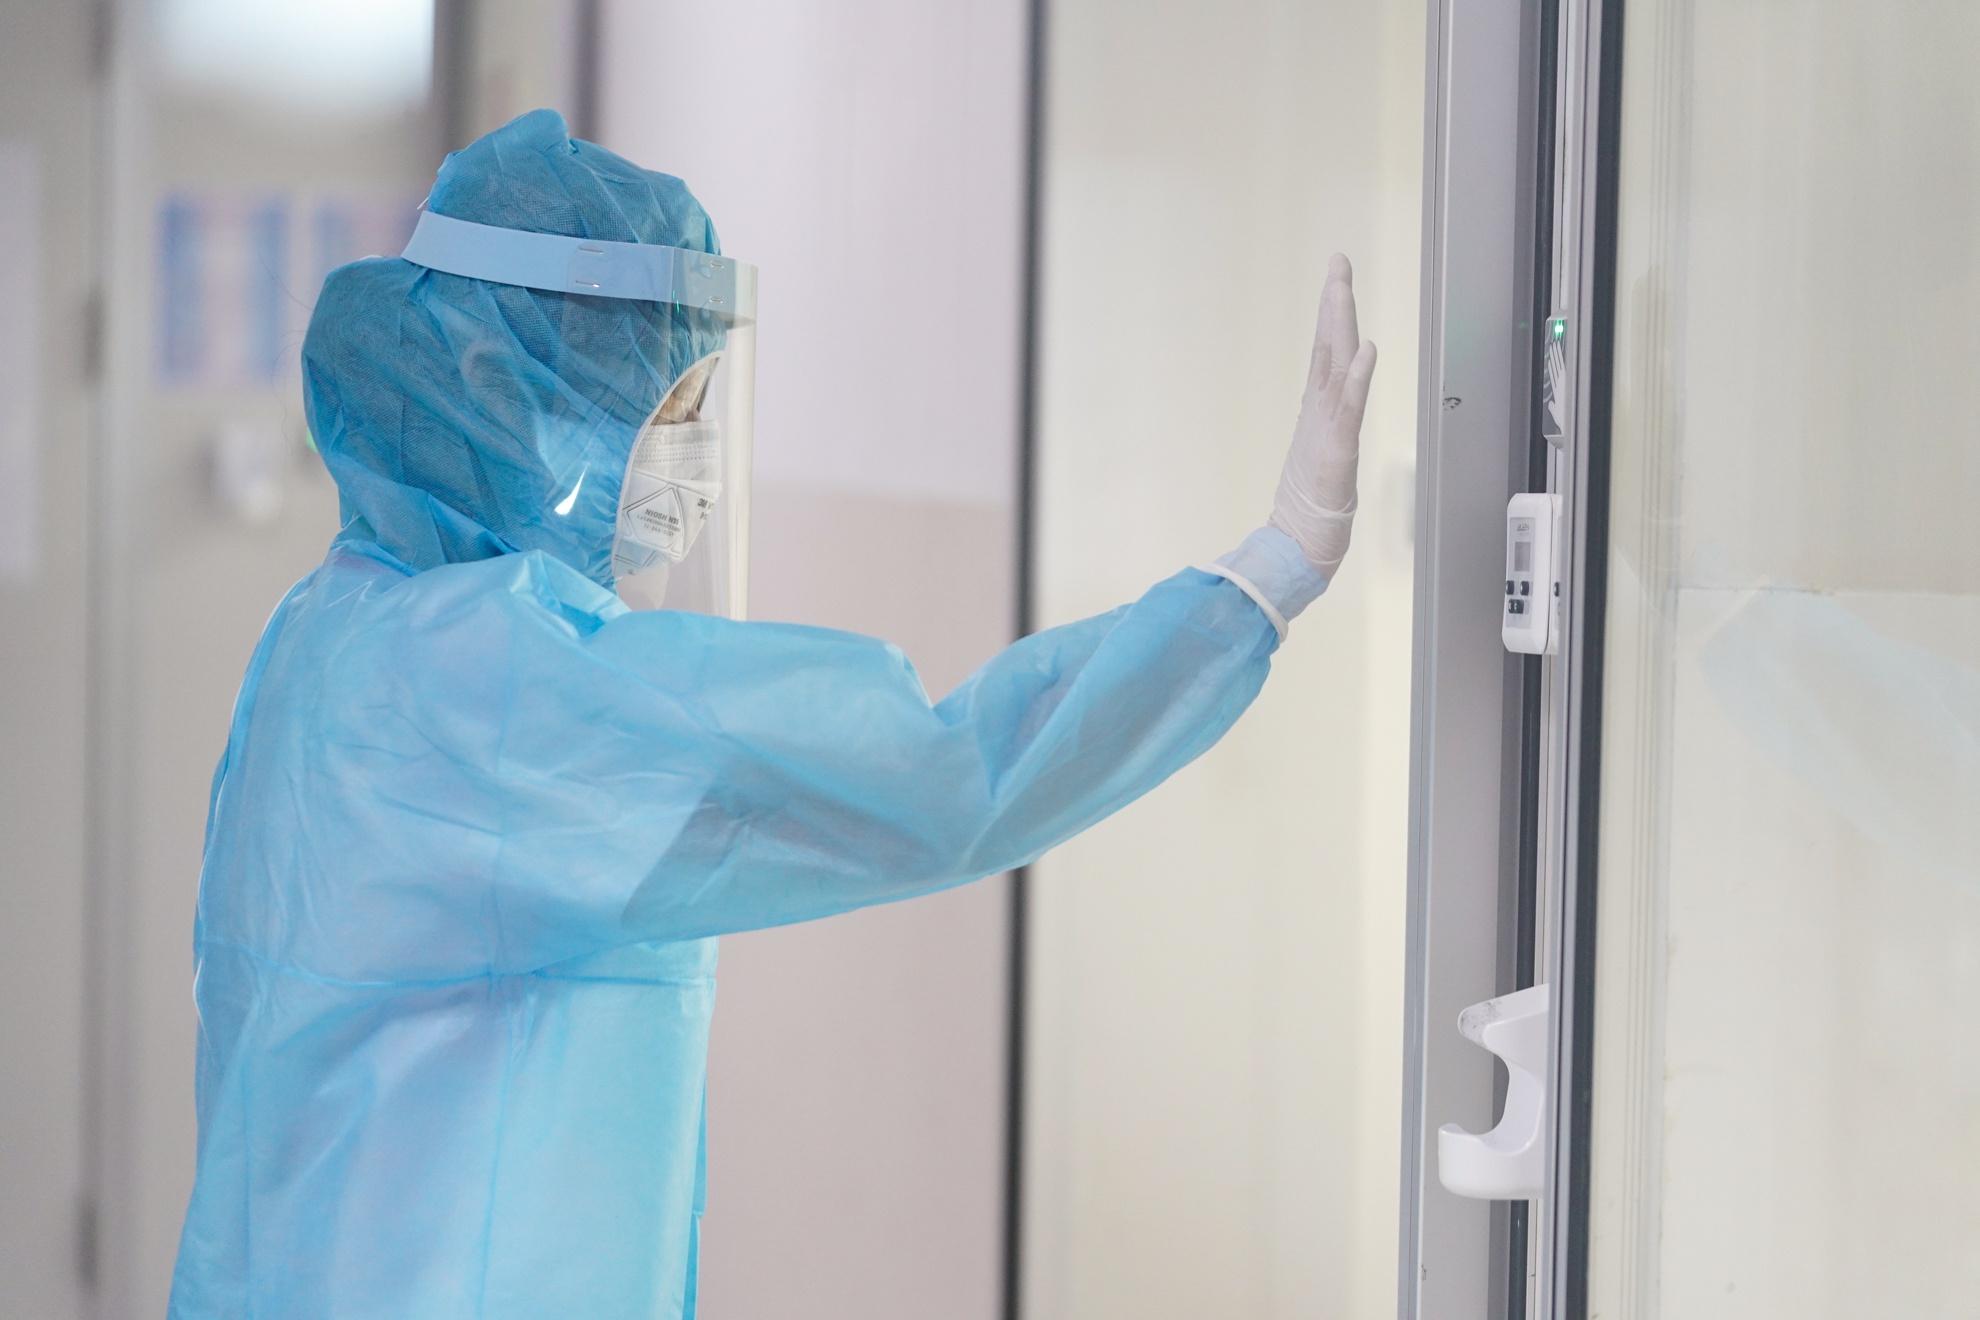 Cán bộ y tế phải theo dõi bệnh nhân đến khi có xét nghiệm âm tính theo phác đồ điều trị của Bộ Y tế. Ảnh: Chí Hùng.